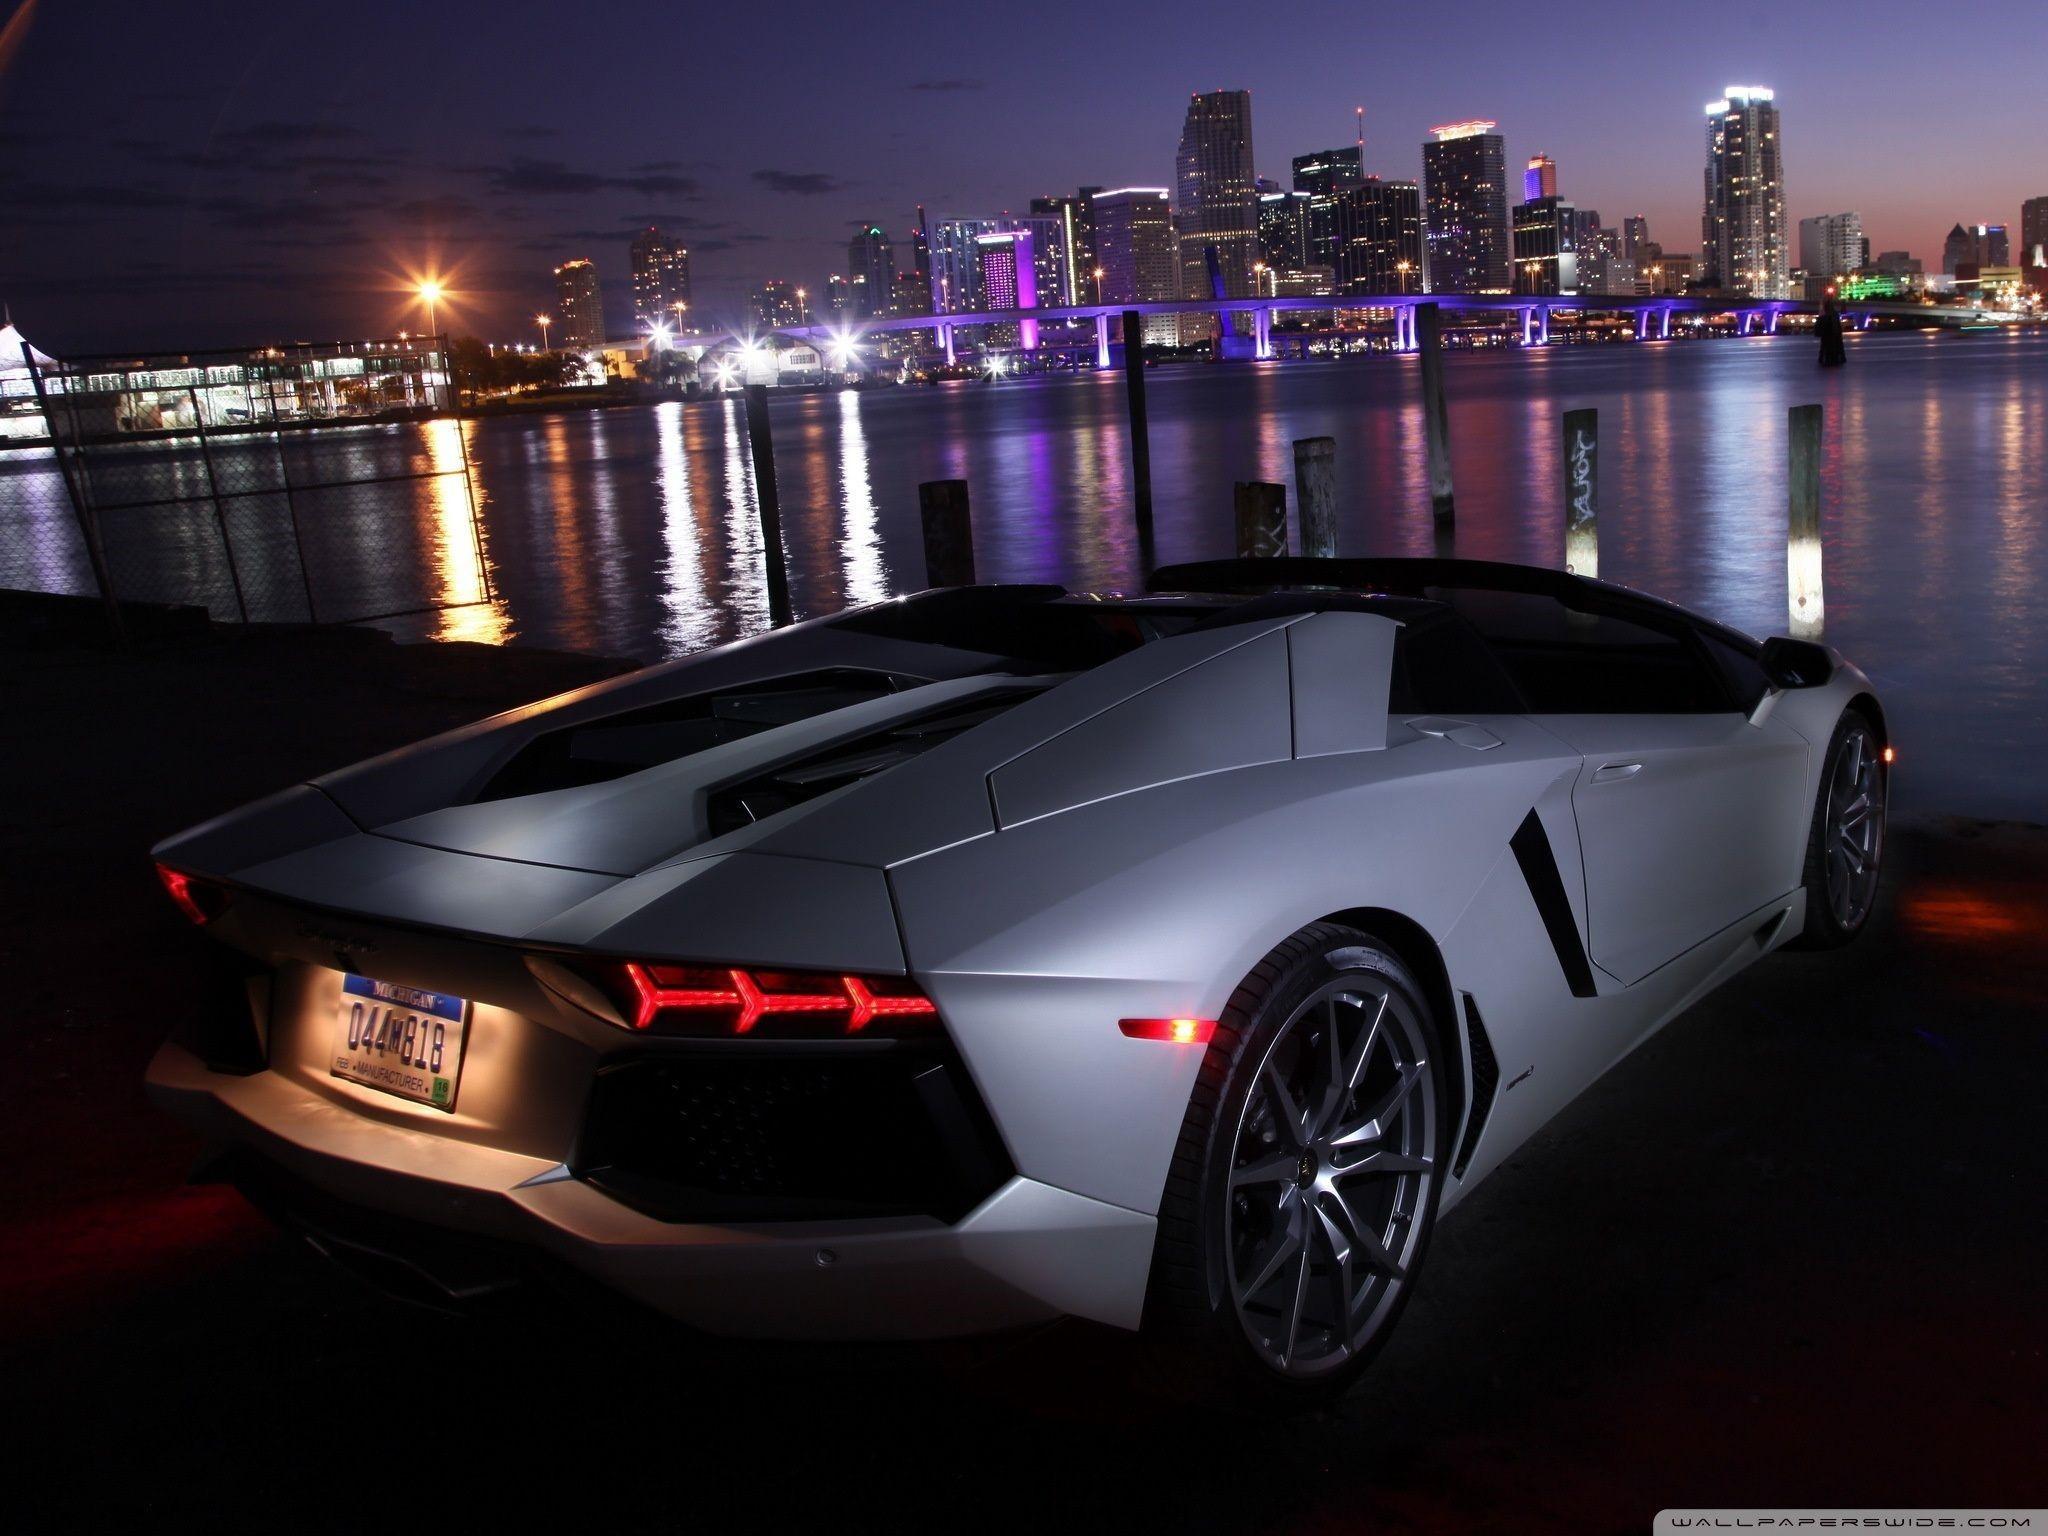 Lamborghini Pictures